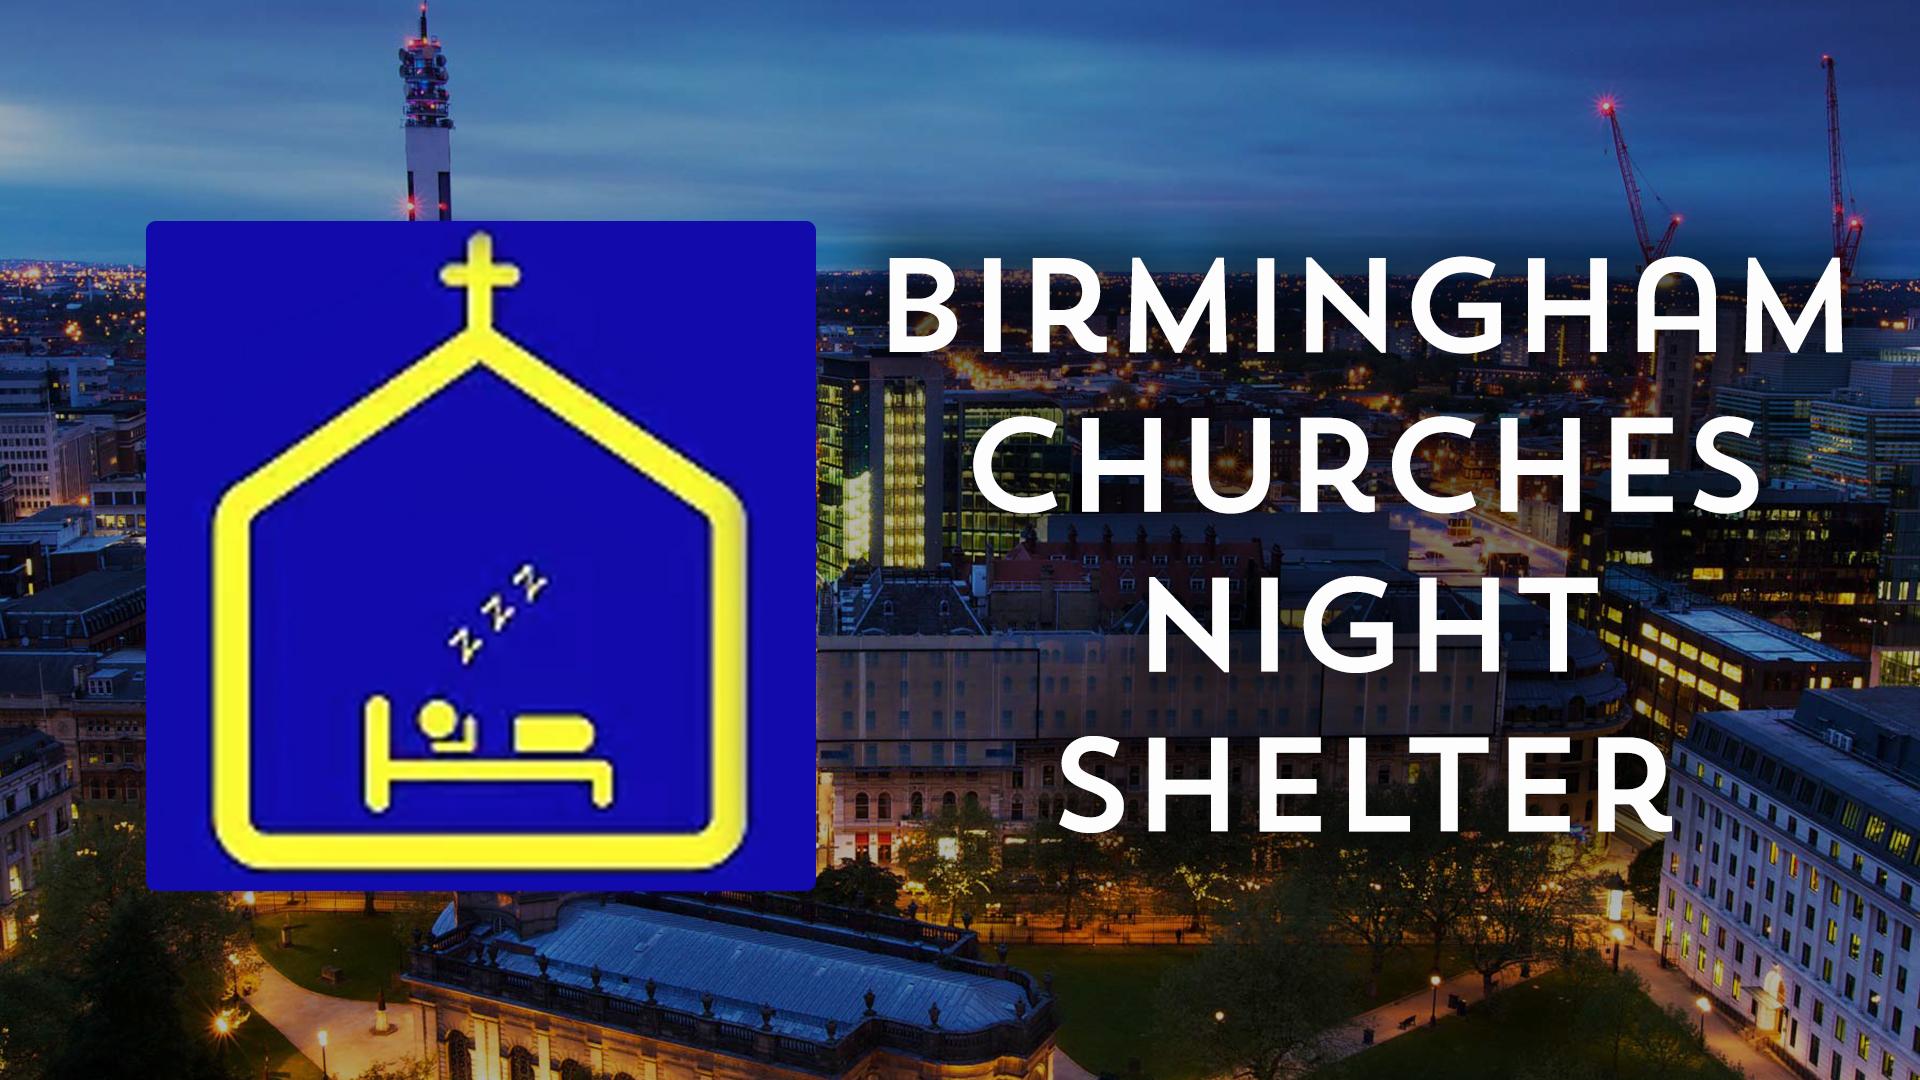 Night Shelter.jpg